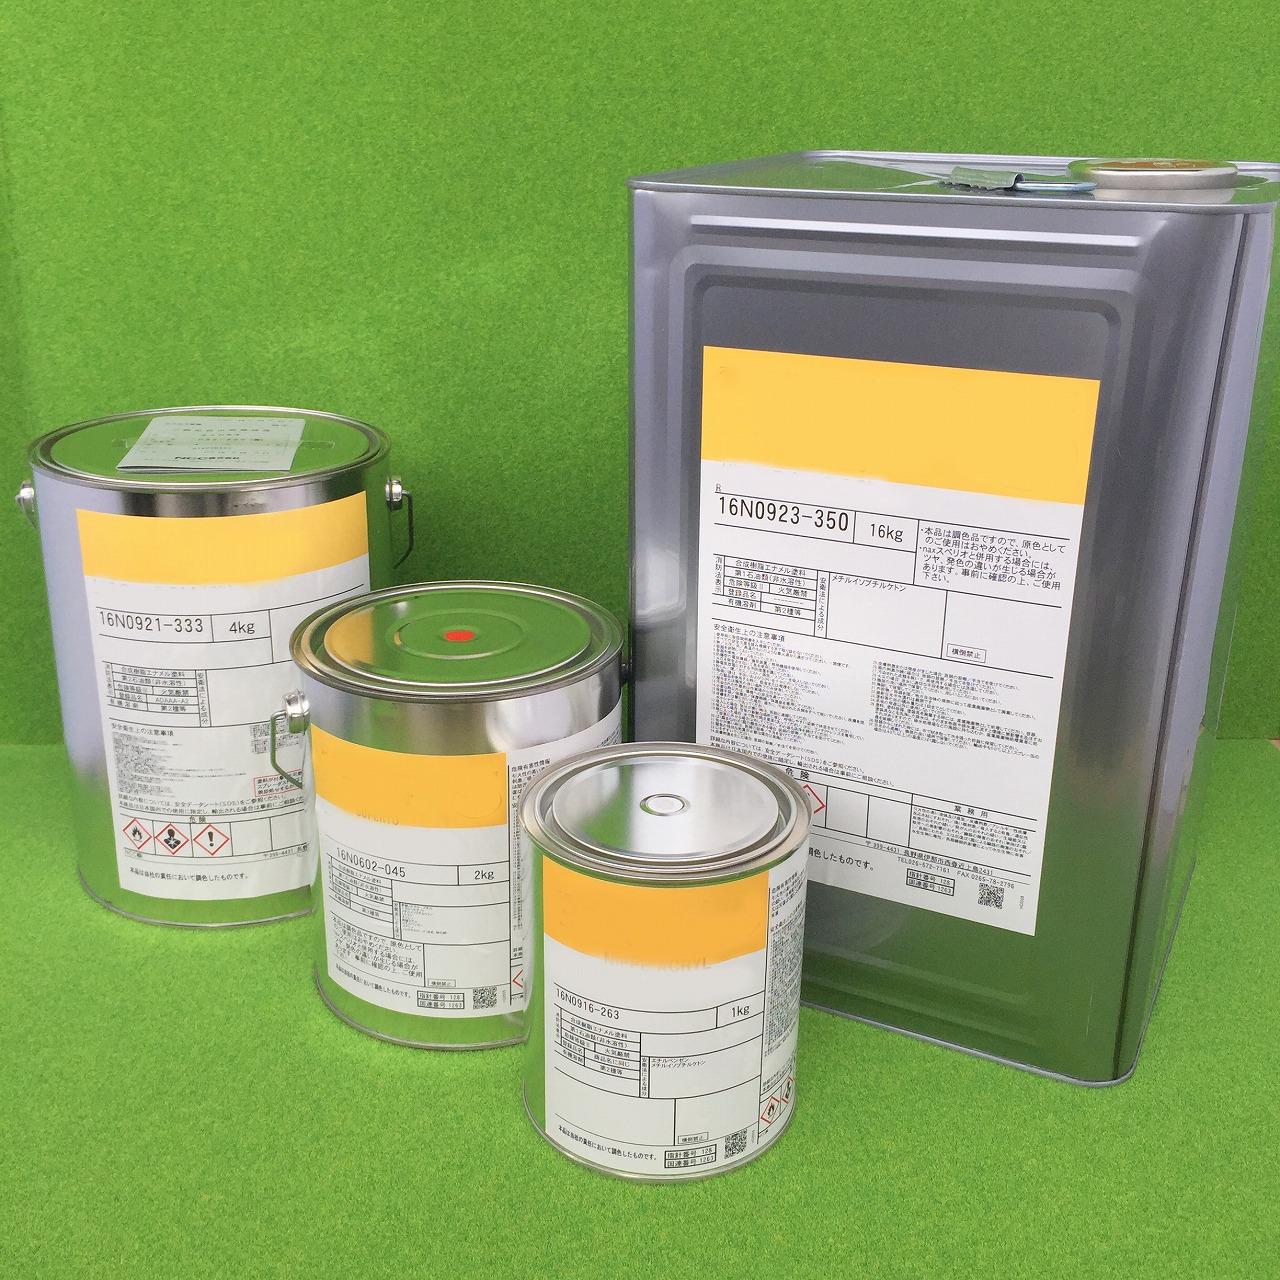 自動車補修用調色塗料(ラッカー・アクリル塗料) お客様色見本合わせ標準色